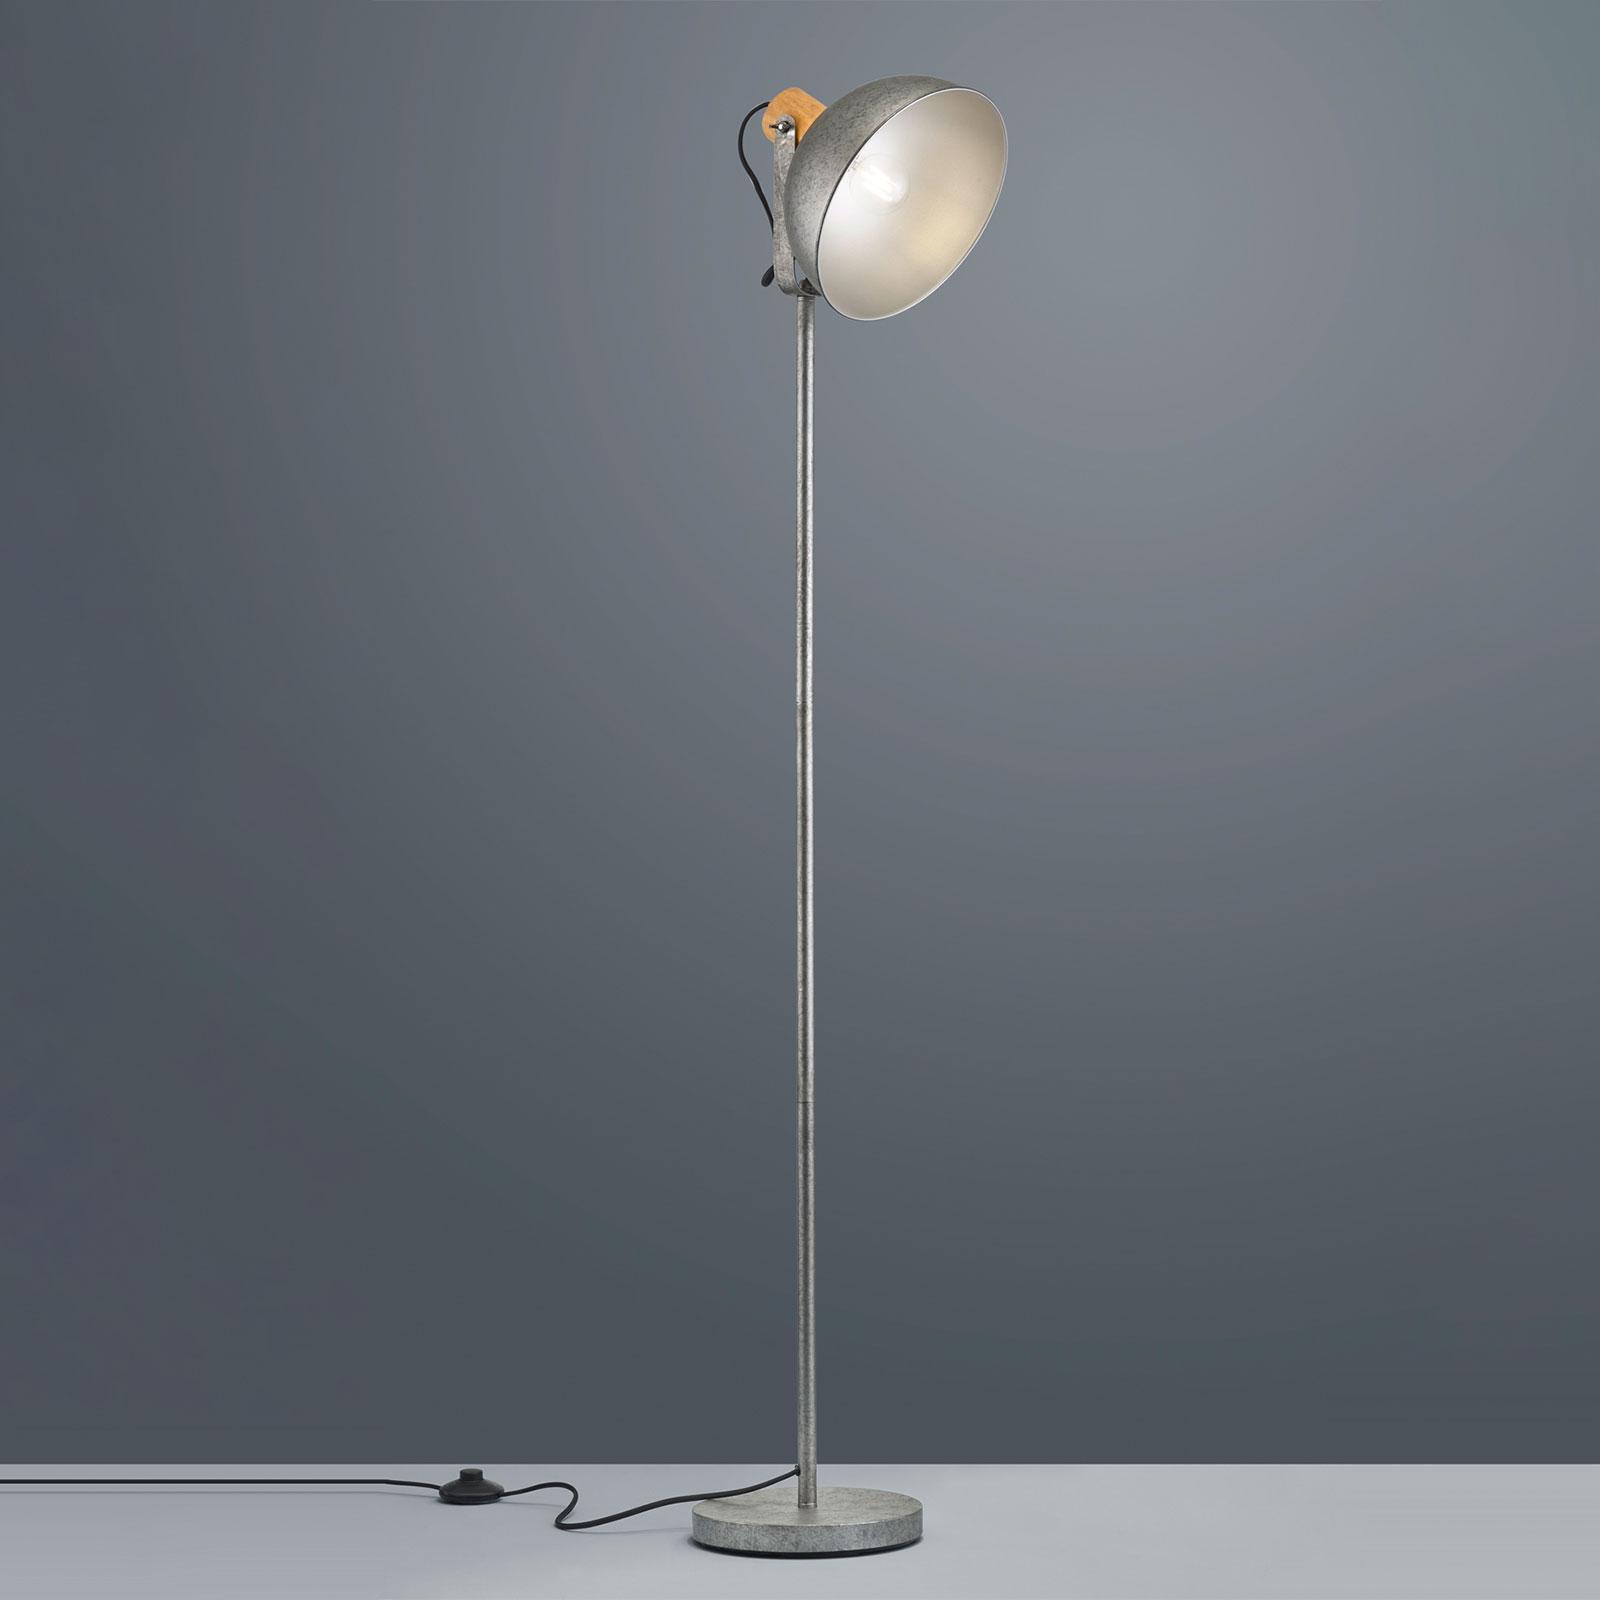 Lampa podłogowa Delhi z metalową podstawą